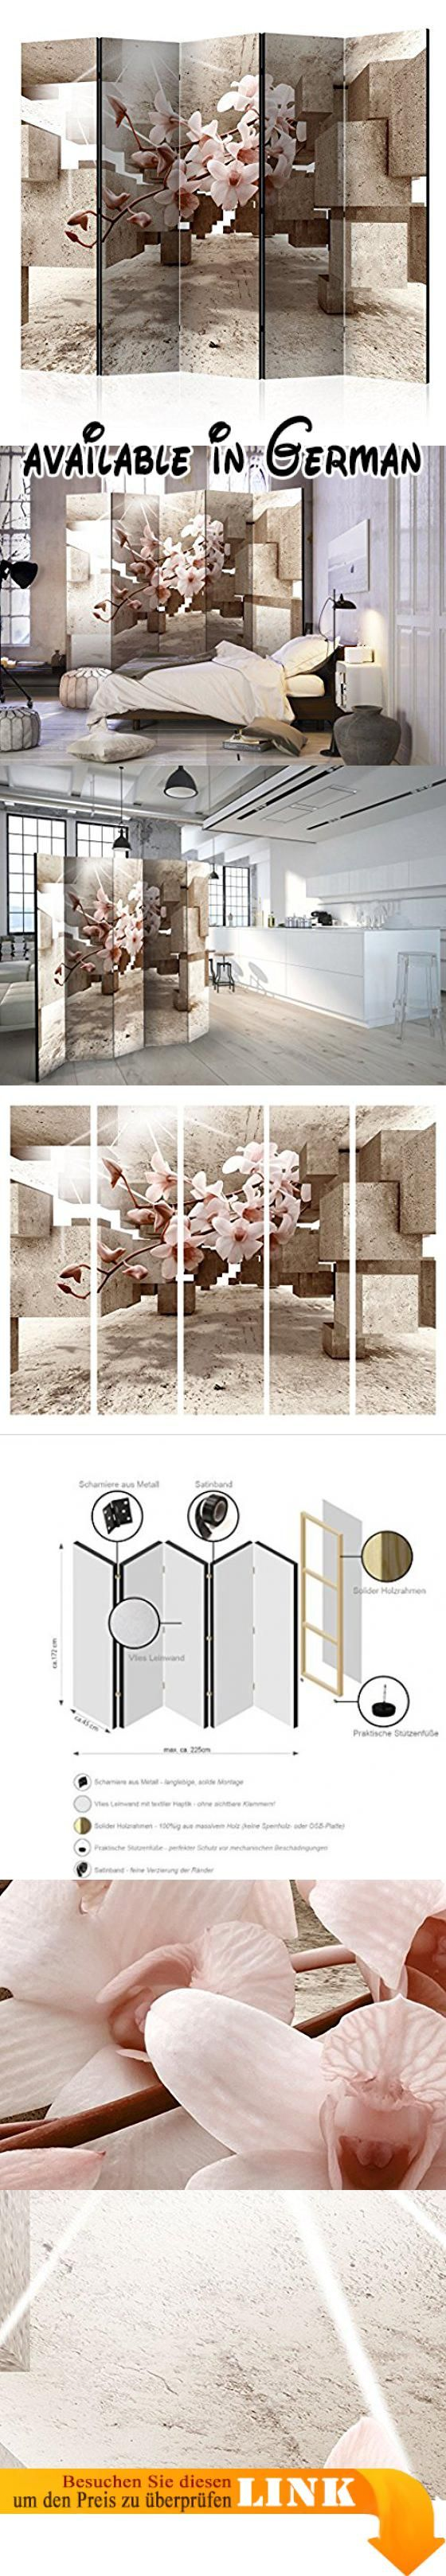 Wohndesign schlafzimmer einfach blxmkcs  raumteiler  foto paravent x cm  beidseitig auf